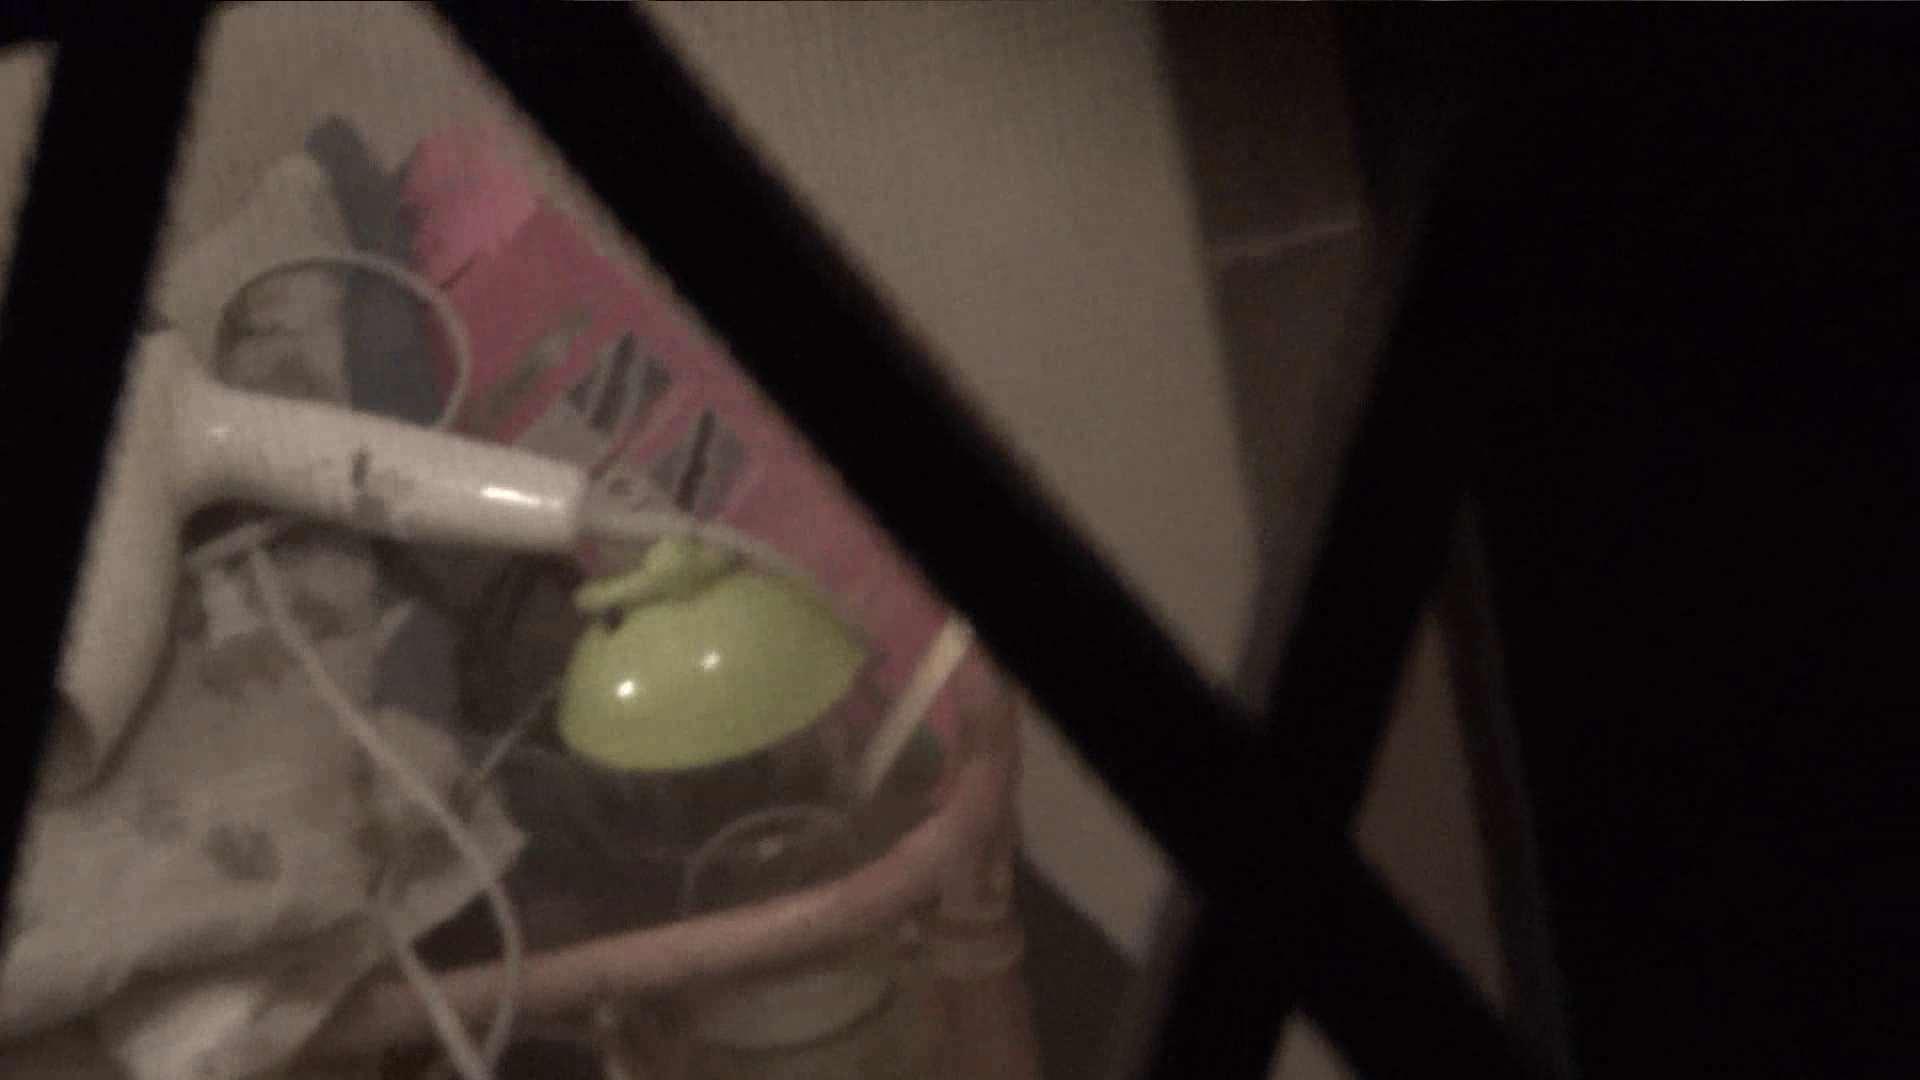 民家の騎士さんの最後の性戦ハイビジョン!!No.65 プライベート 盗撮動画紹介 89画像 75